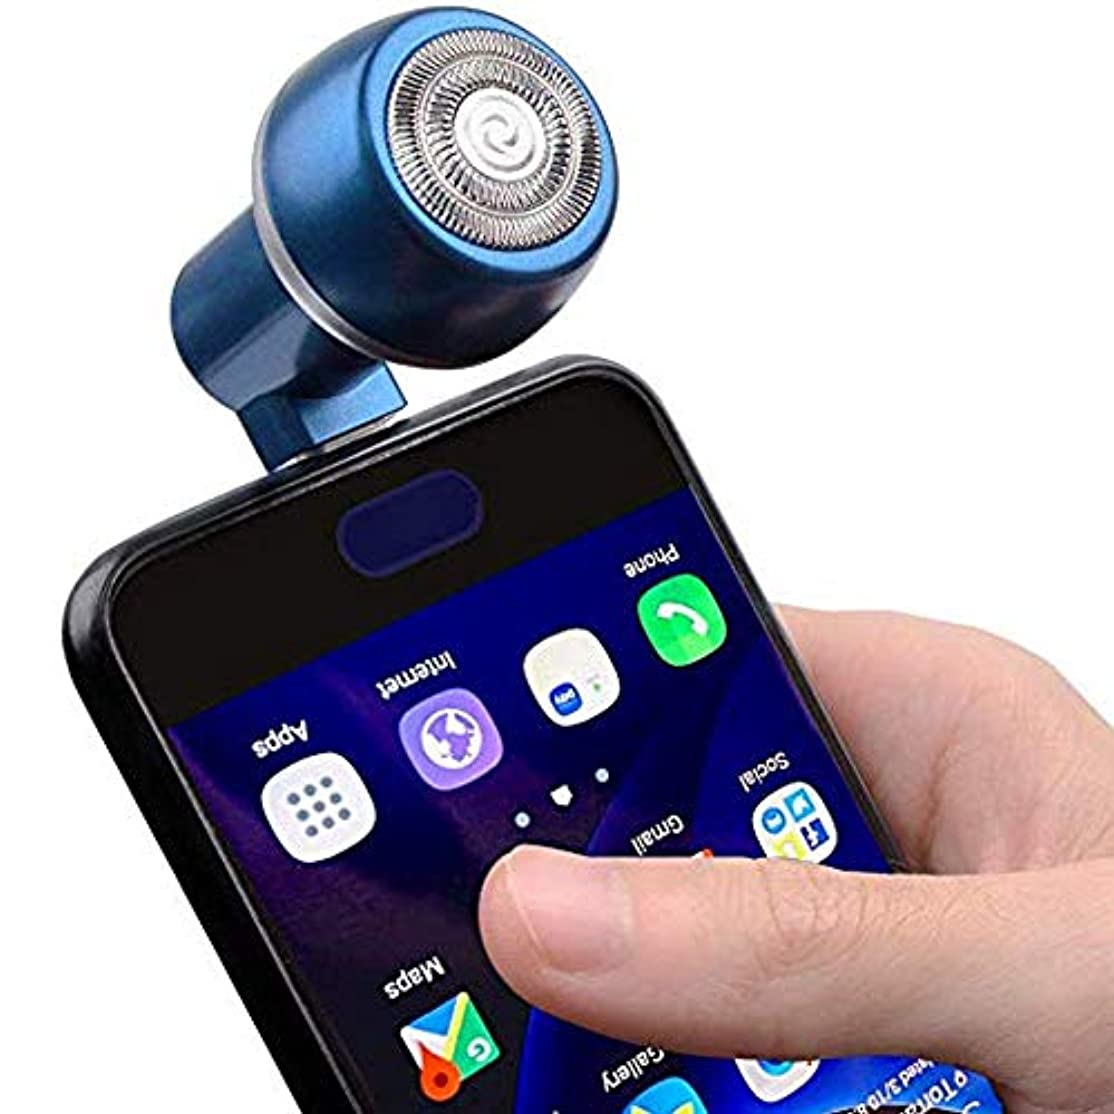 アネラ電気シェーバーかみそり男性女性、旅行ヘアトリマーポータブルミニ磁気吸引電話かみそり(マイクロ+ usb)1ピース